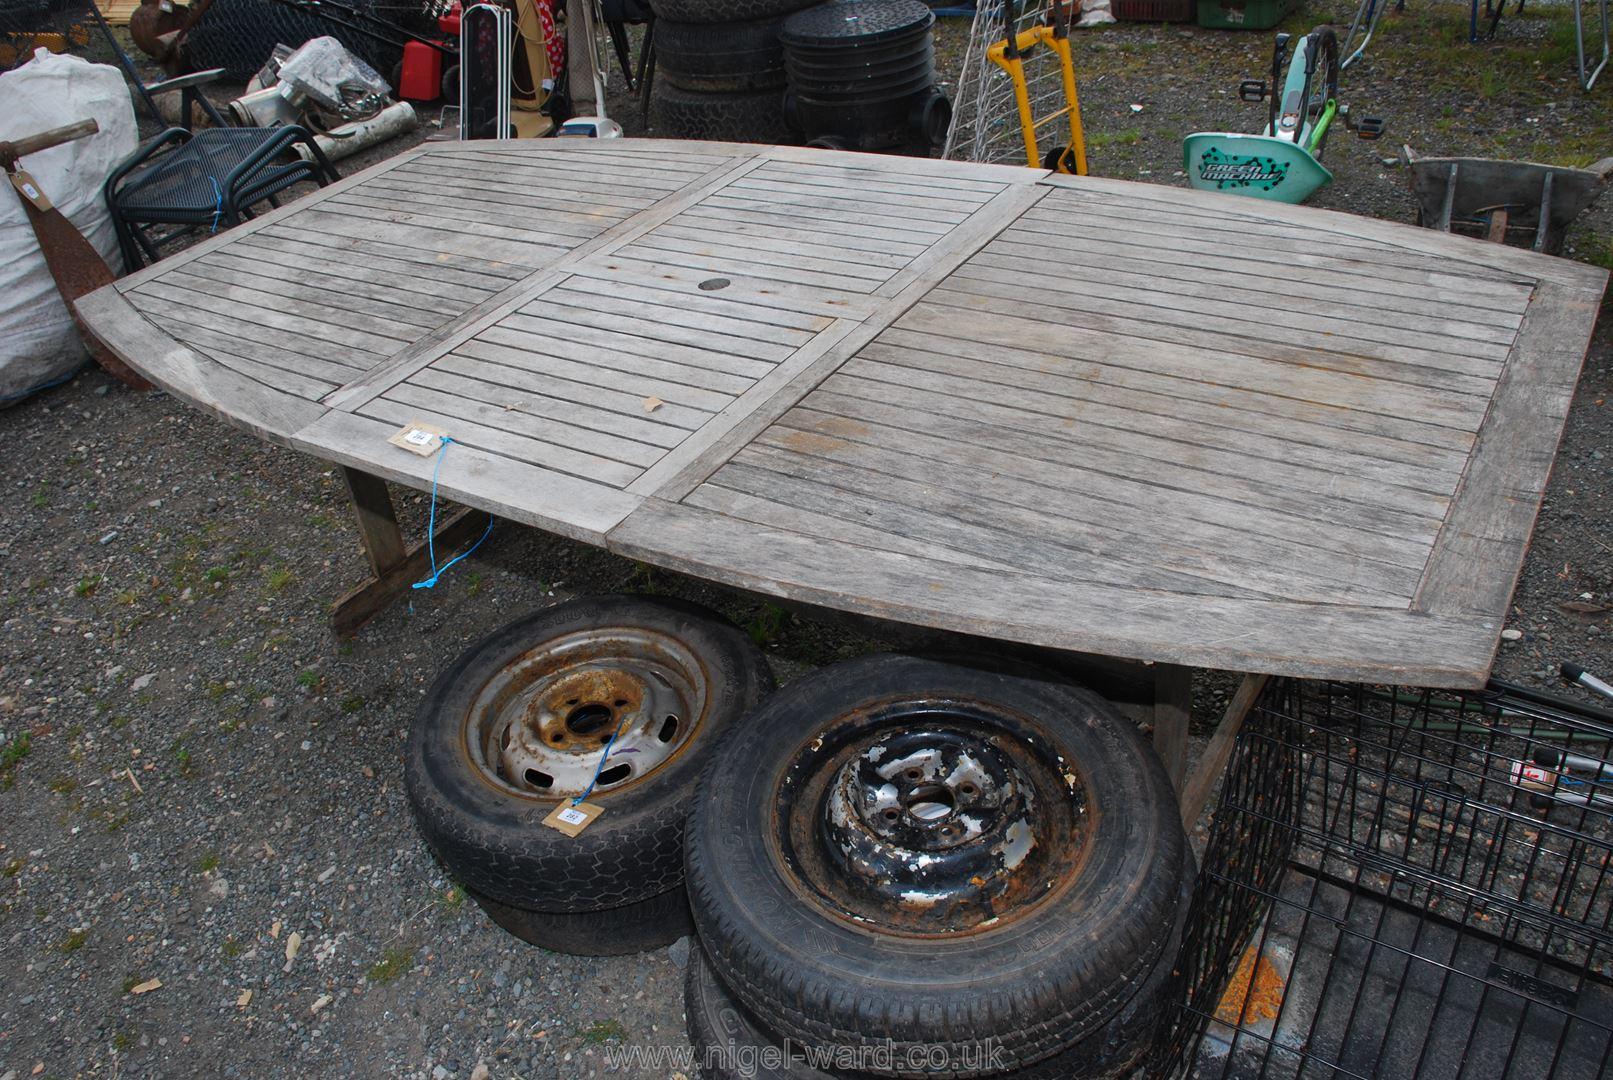 An 8ft long teak style patio table.